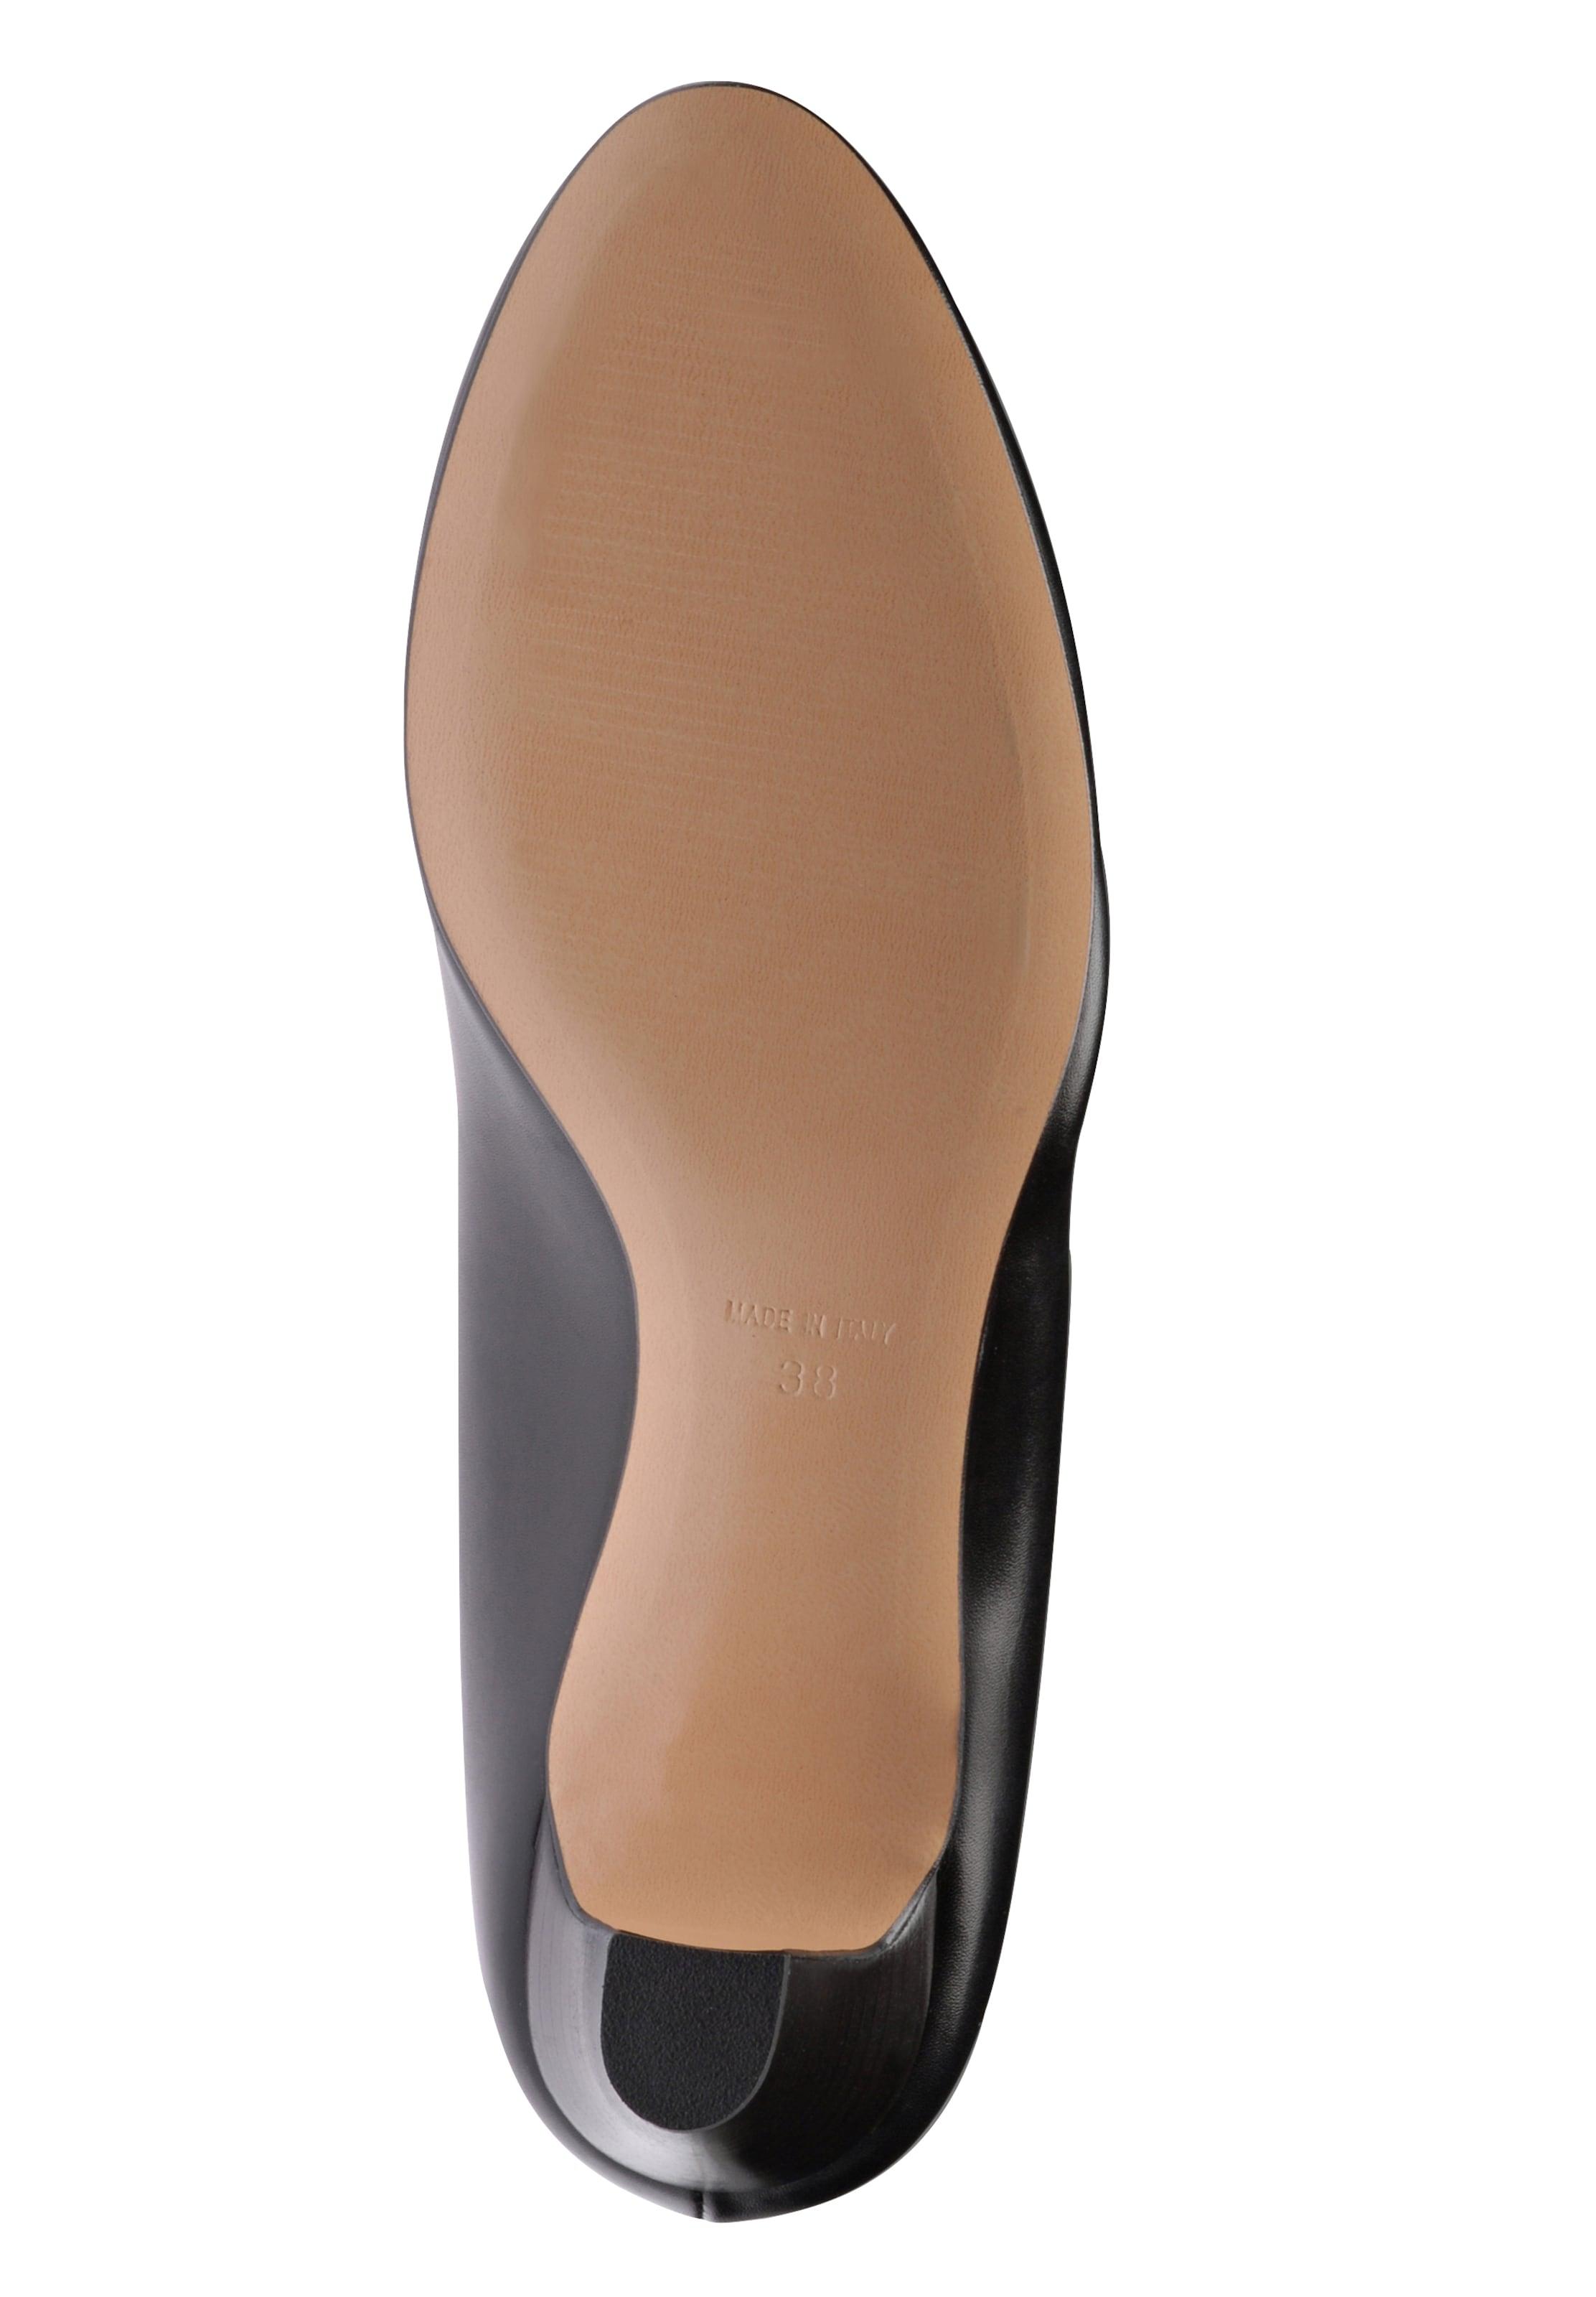 EVITA Damen Pumps Verkauf In Mode Billige Schnelle Lieferung Spielraum Besten Sast Verkauf Online Günstiger Preis Zu Verkaufen OVCPLE